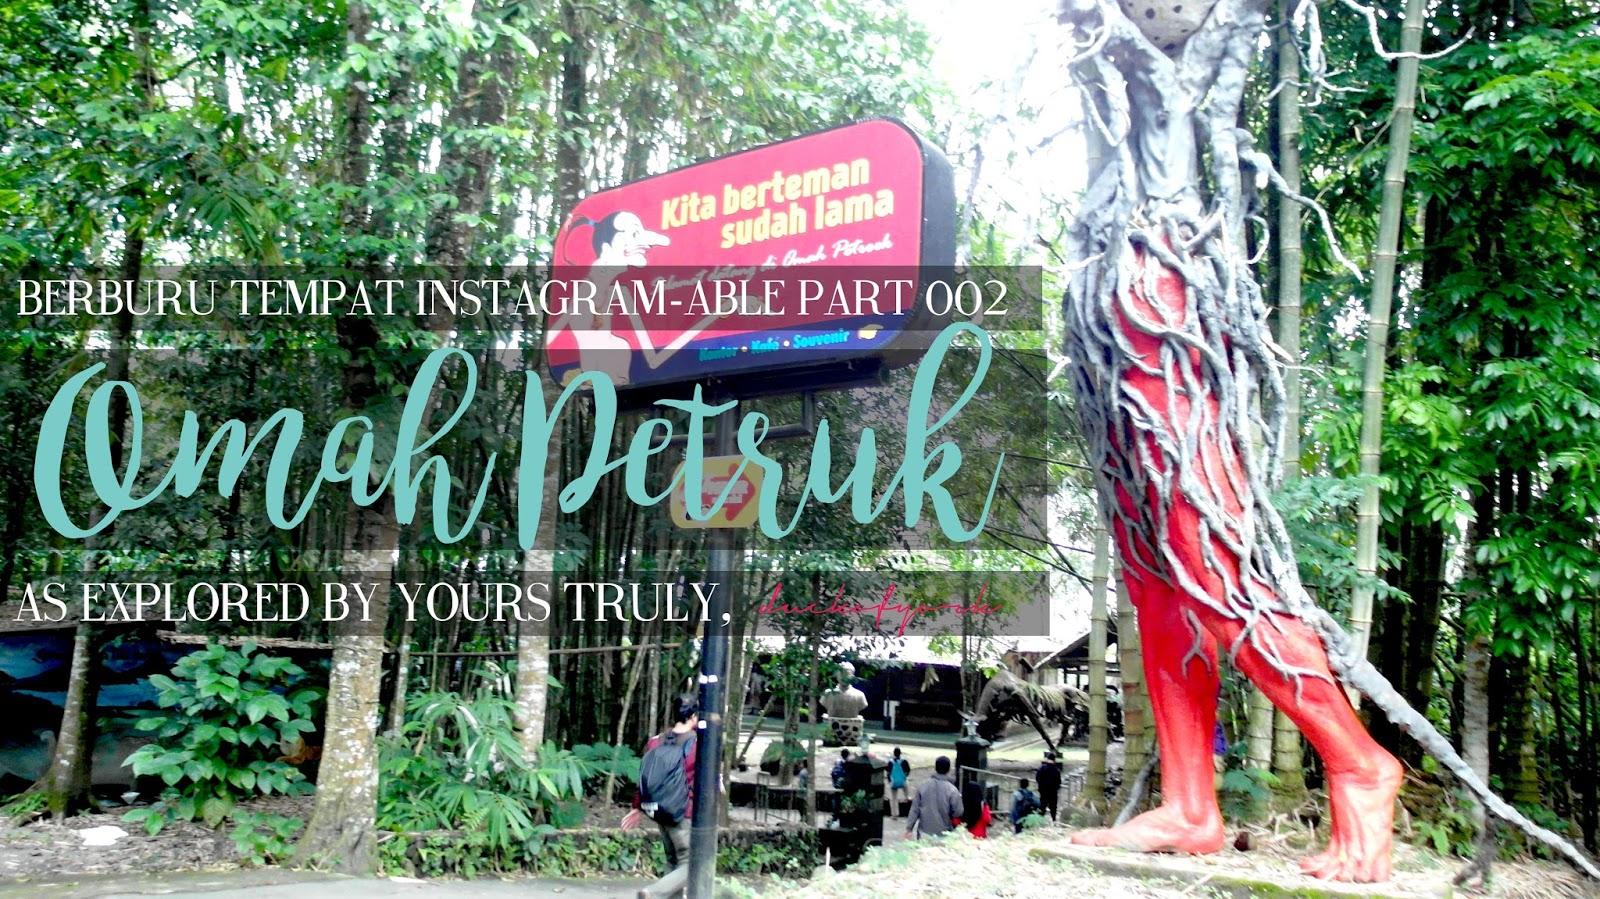 Berburu Tempat Instagram Part 002 Omah Petruk Halo Nggak Update